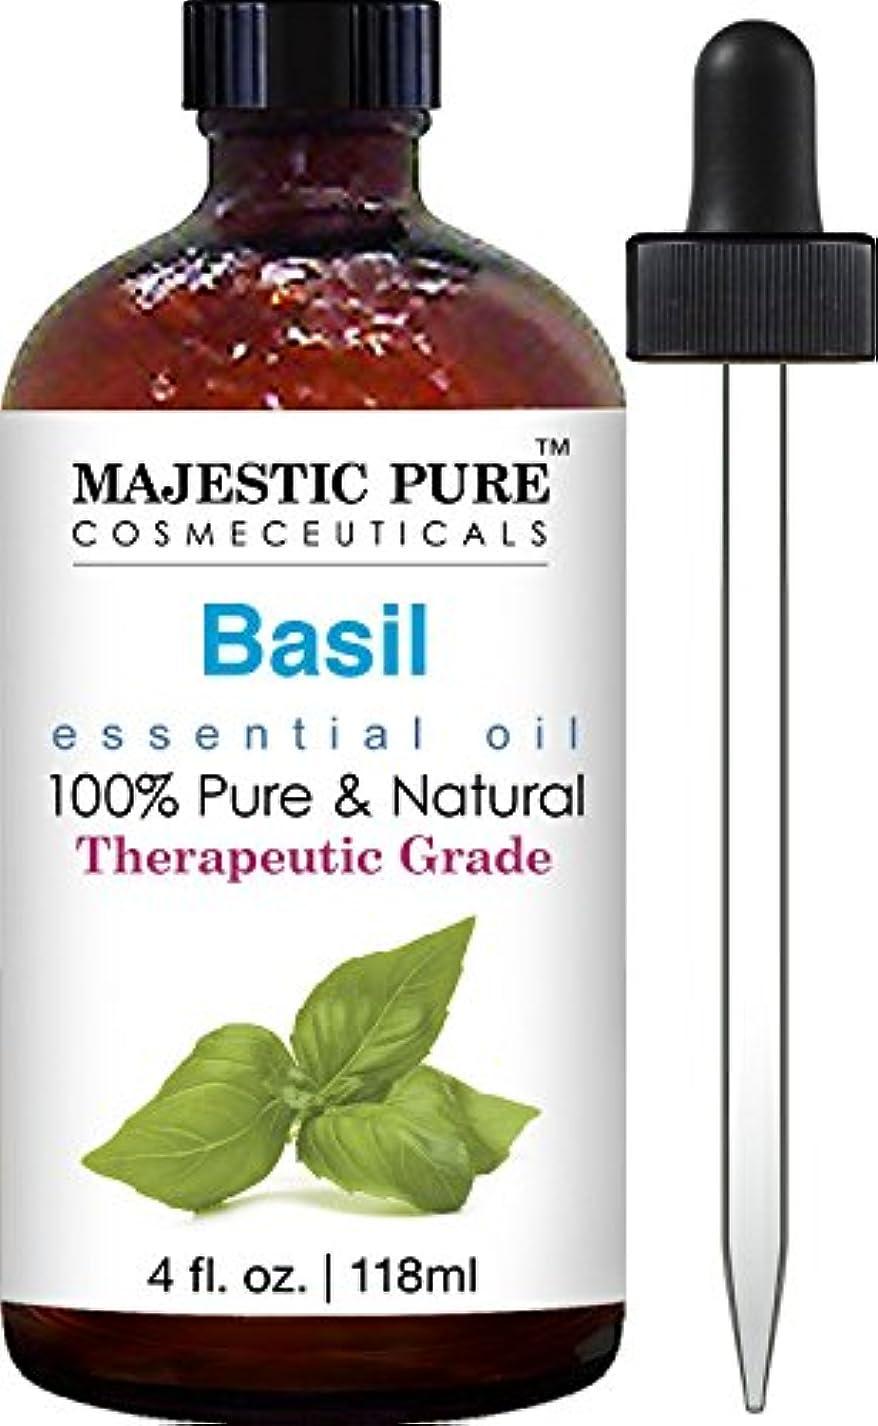 信条平衡聖職者Basil Oil, Therapeutic Grade, Pure and Natural Basil Essential Oil, 4 fl. oz バジルオイル